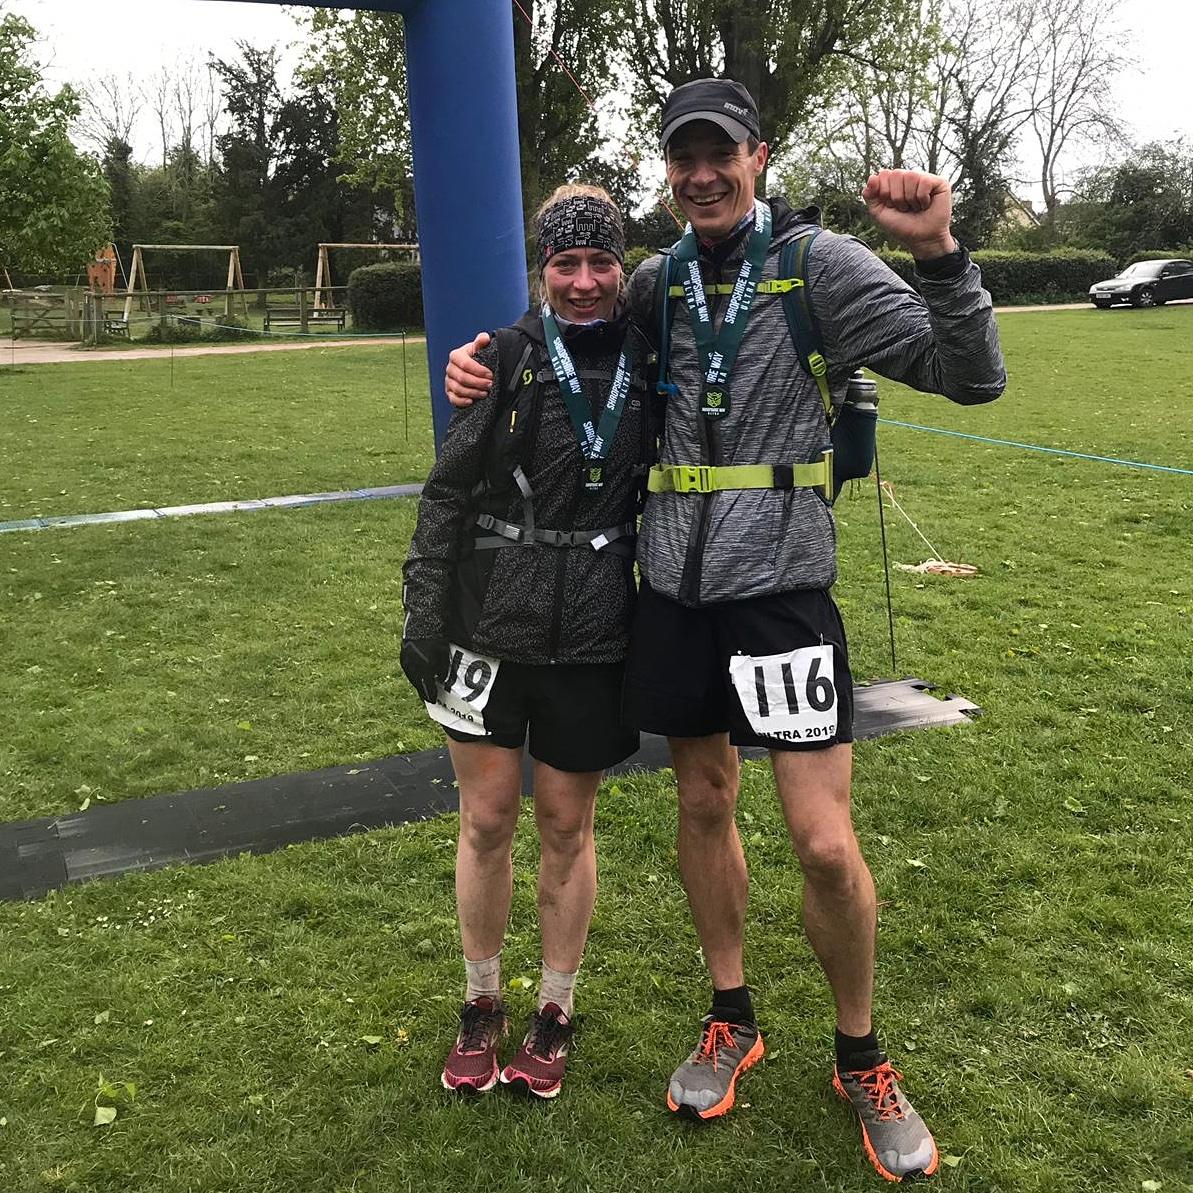 Shonagh Kinnear Ultra Run